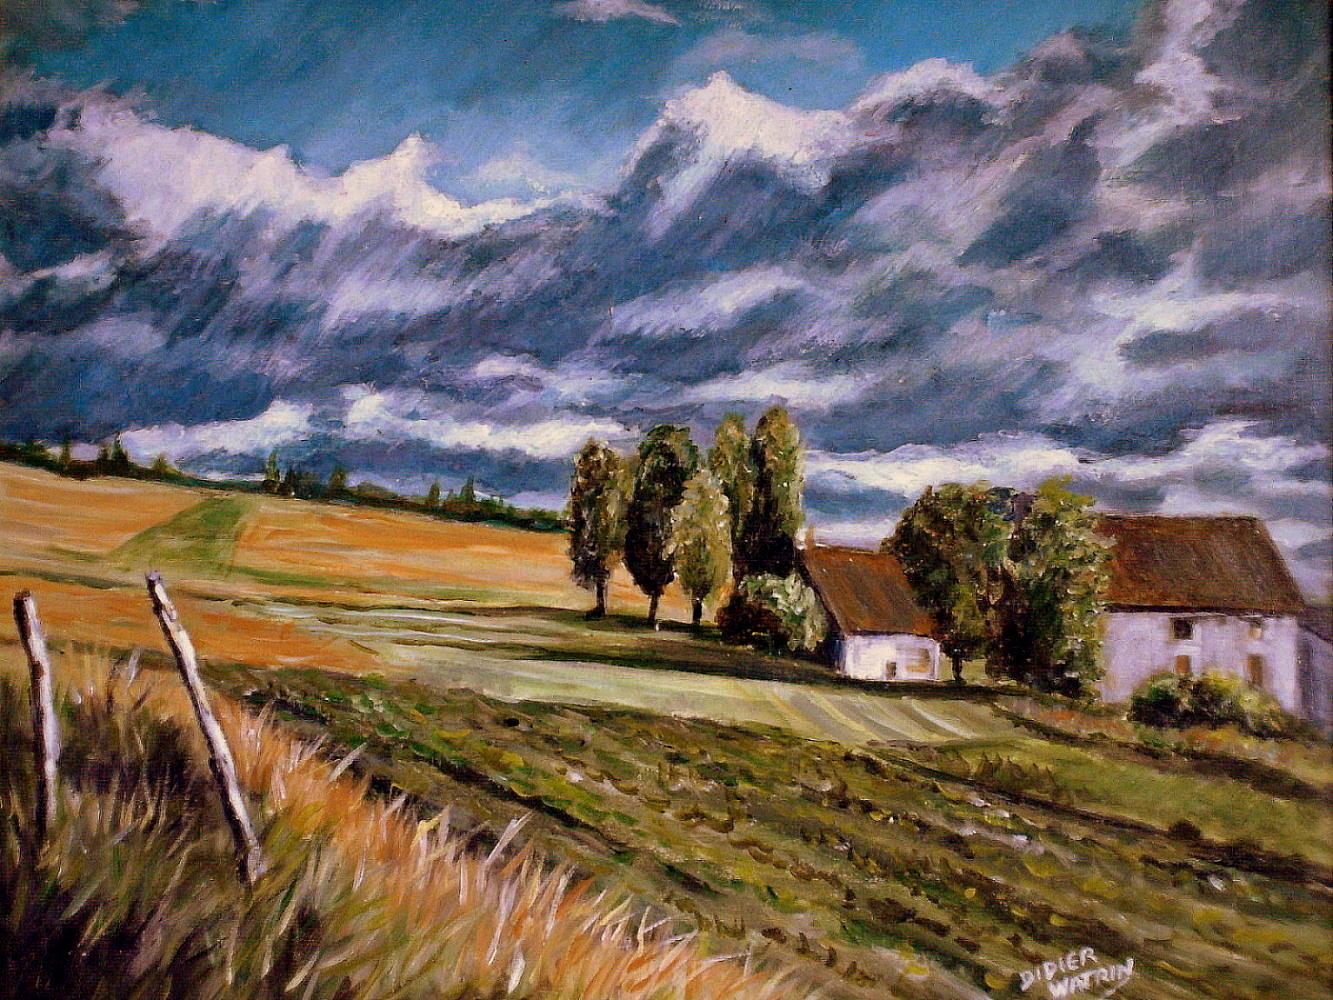 Maisons a la campagne mes peintures speederpeintre photos club doctissimo for Peintures maison